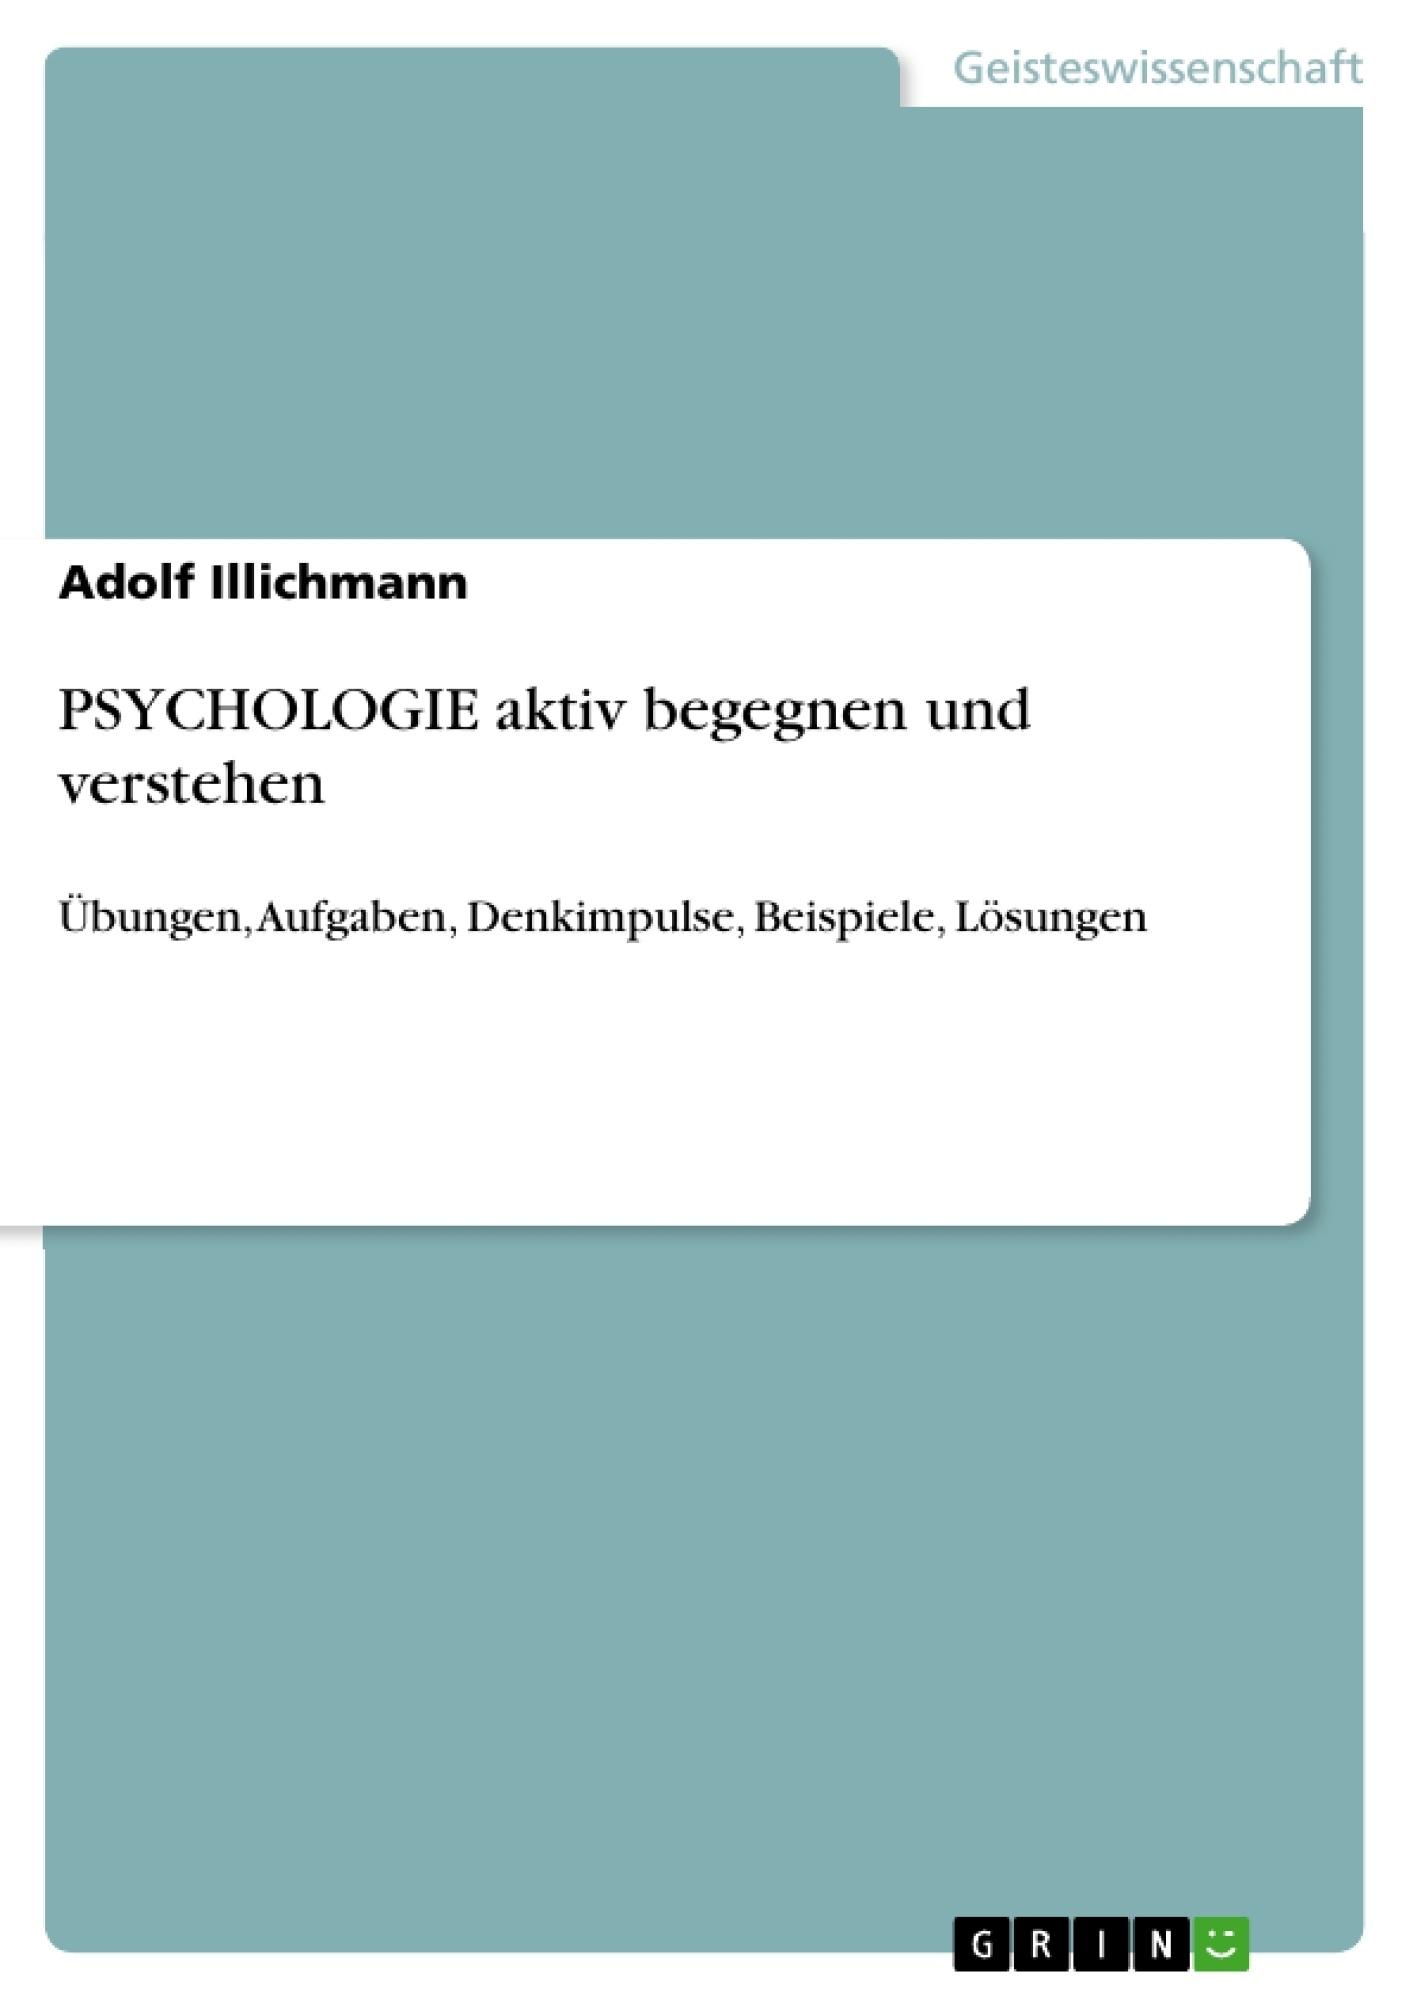 Titel: PSYCHOLOGIE aktiv begegnen und verstehen